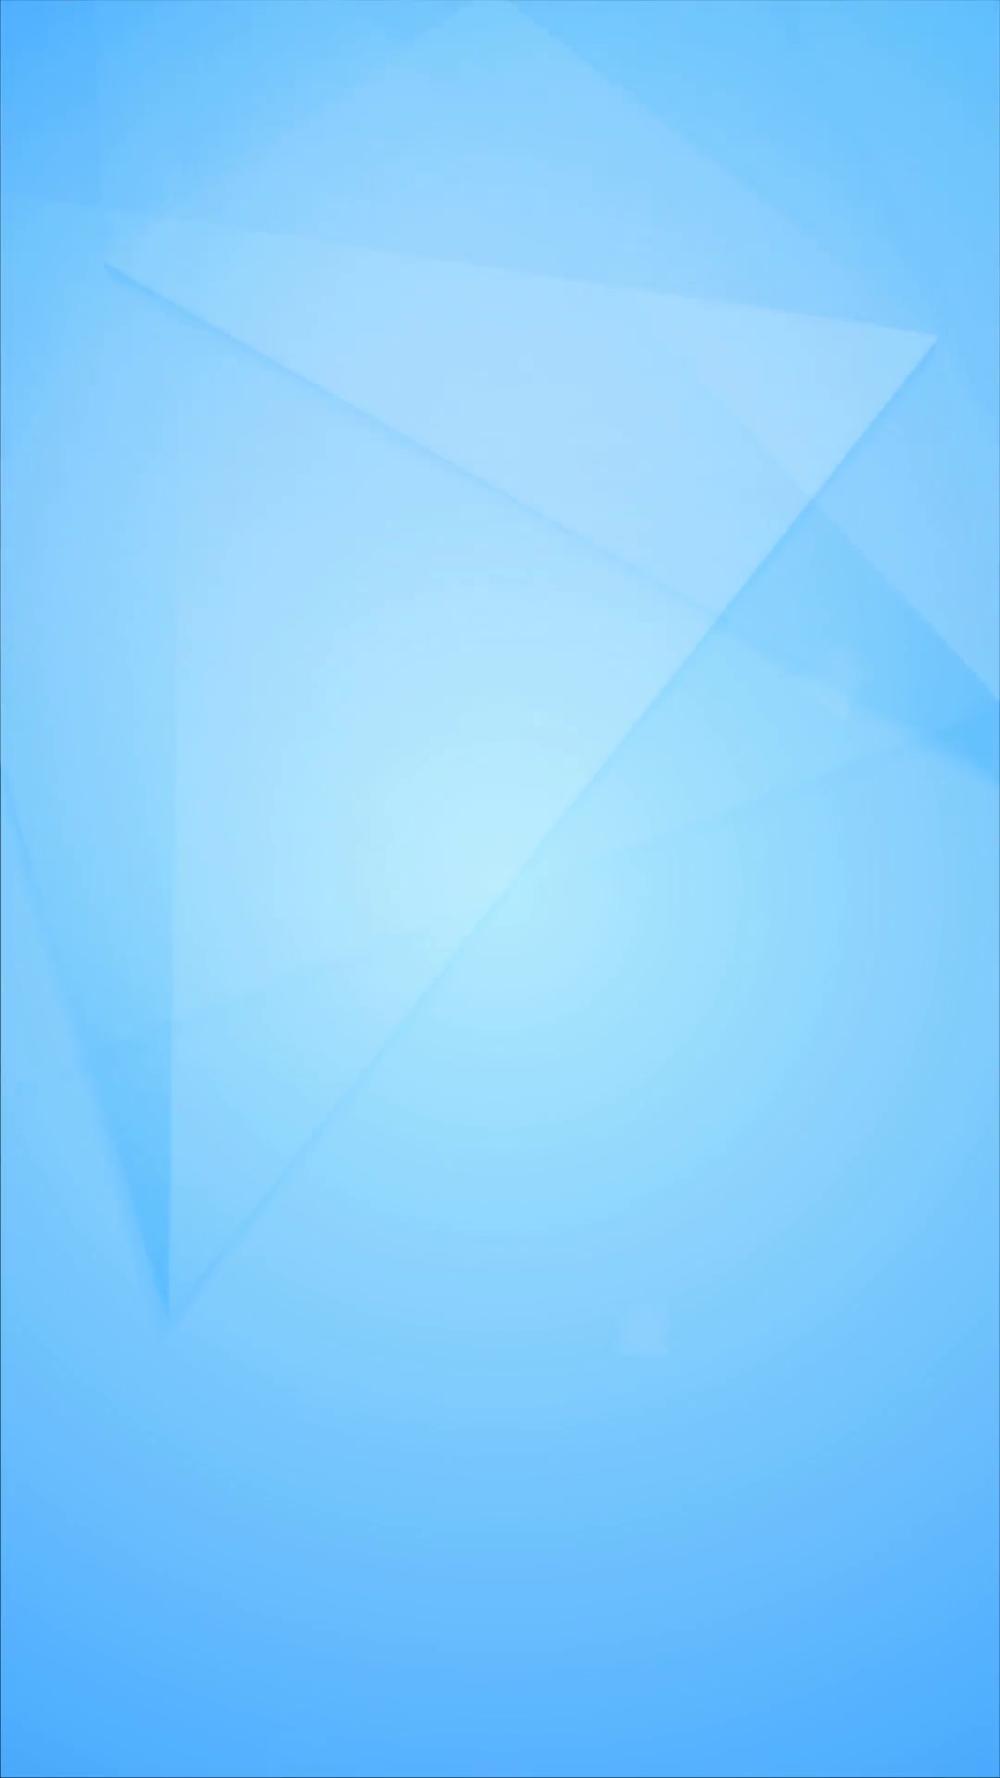 Hình ảnh background cho điện thoại nền xanh